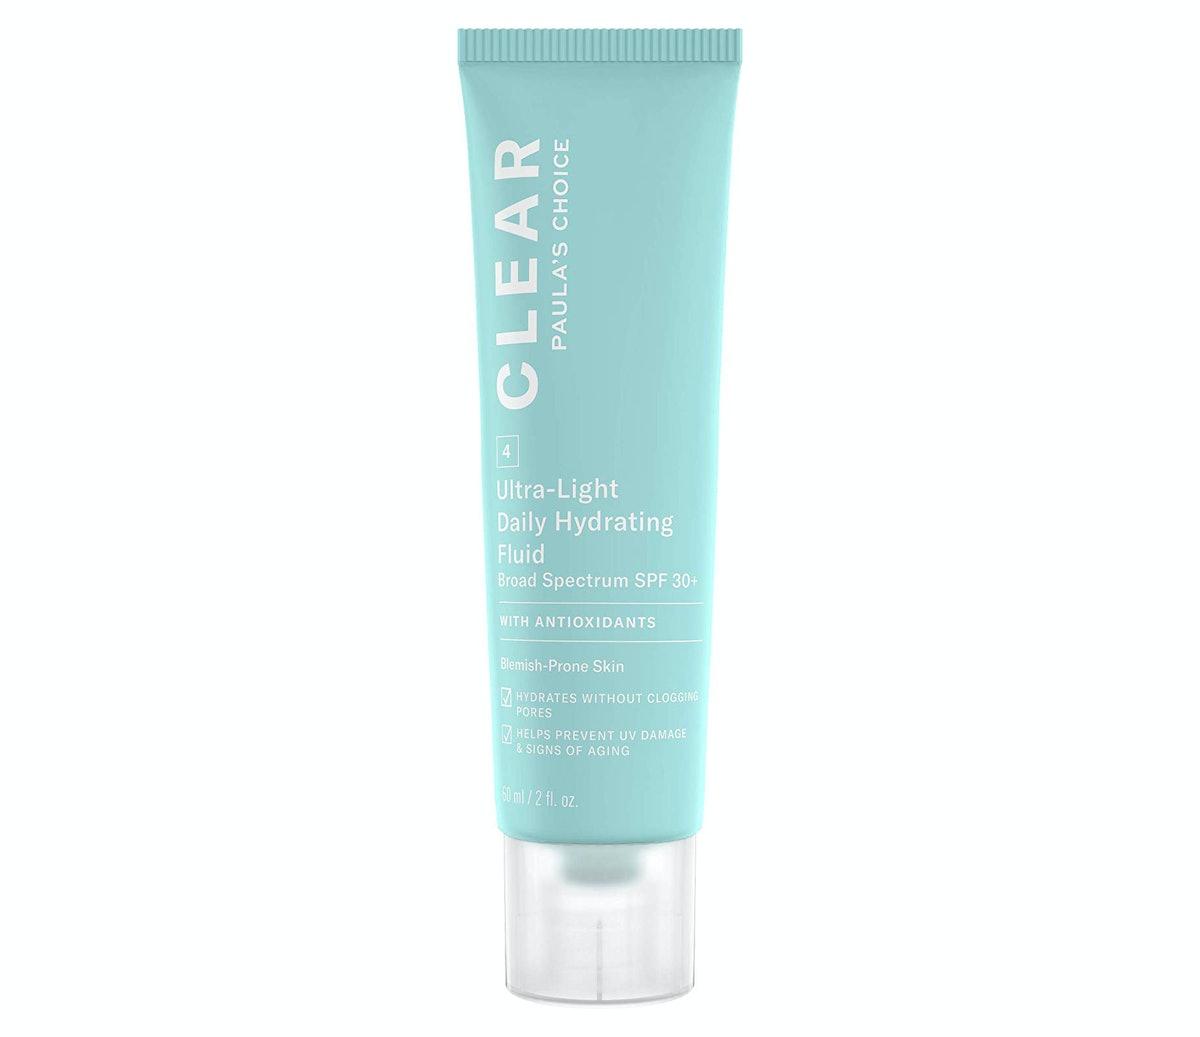 Paula's Choice CLEAR Ultra-Light Daily Hydrating Fluid